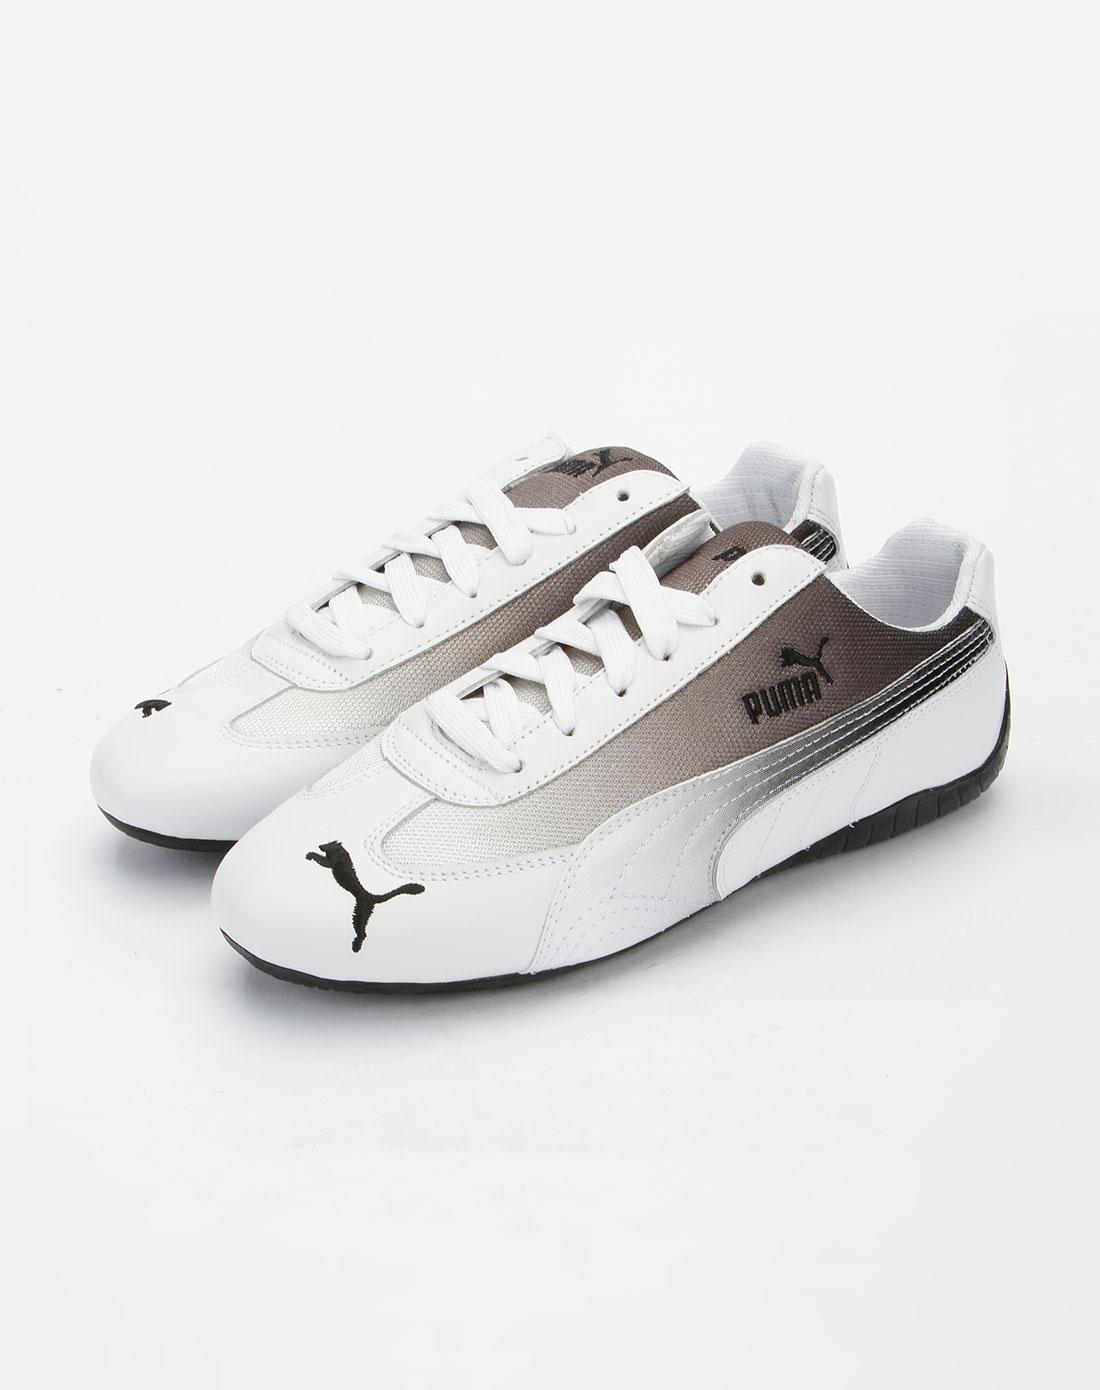 彪马puma男士专场-白色时尚活力运动鞋